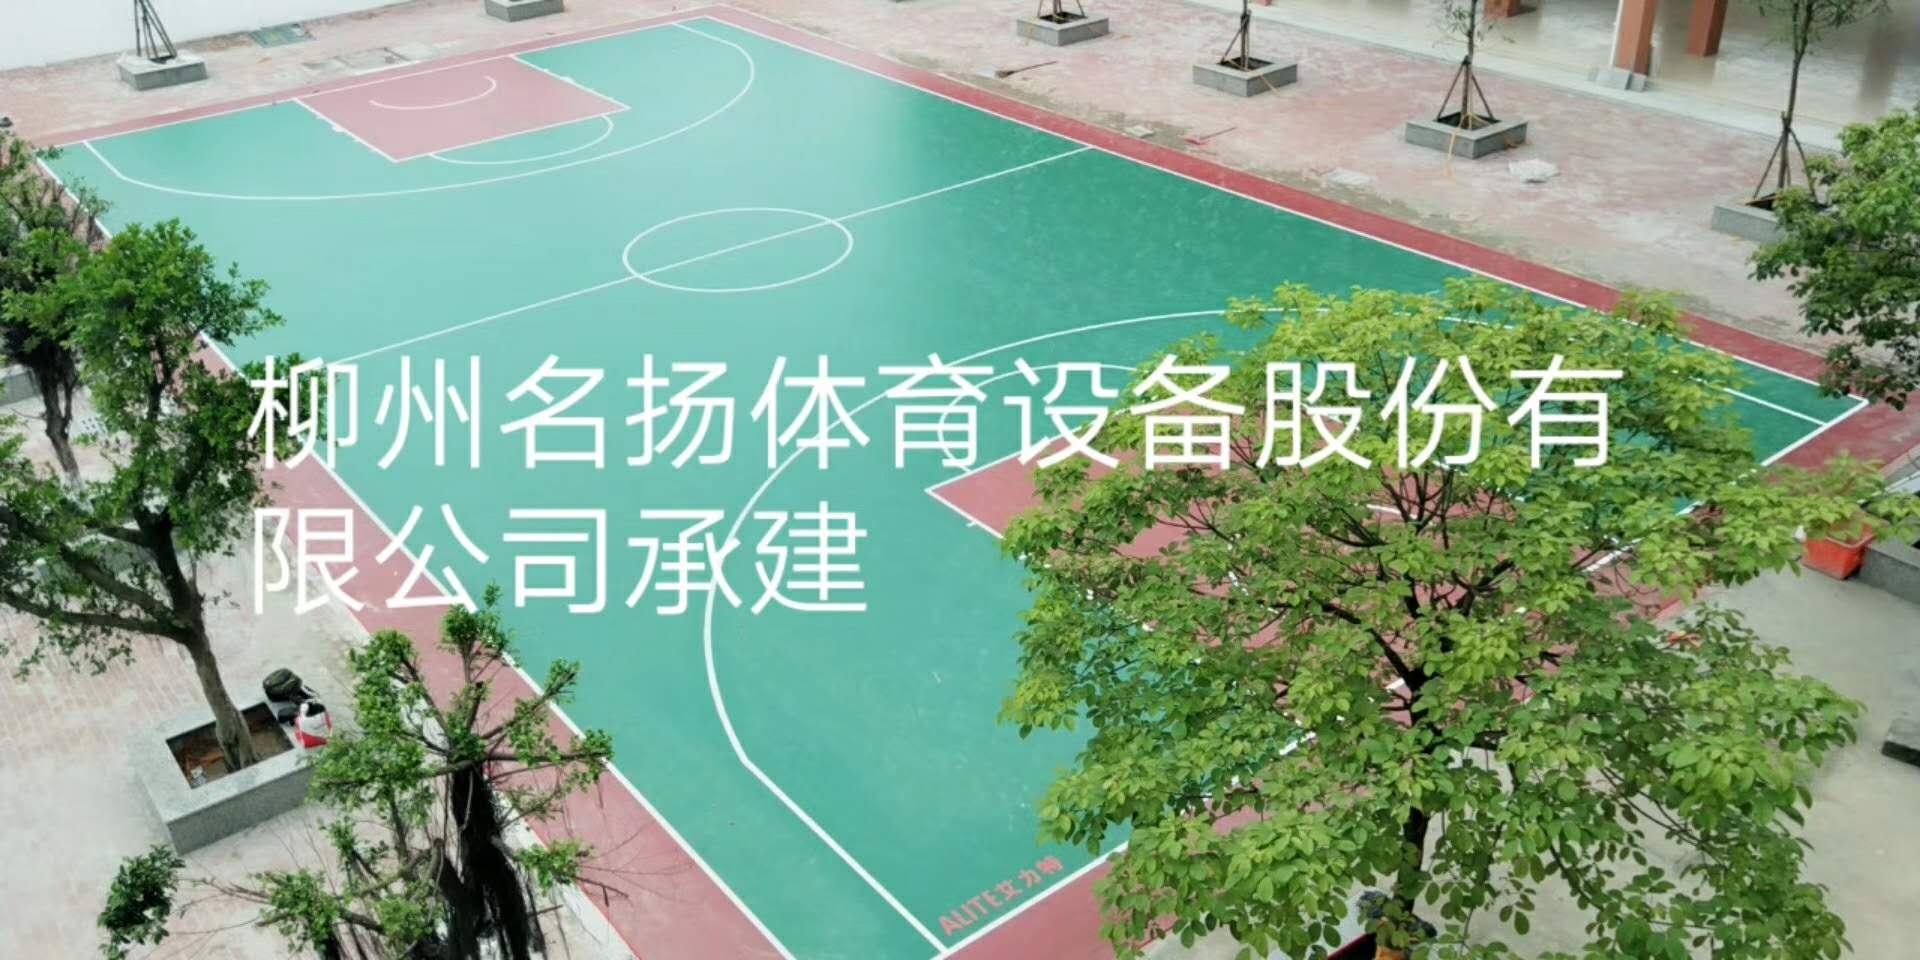 防城港公车镇中学pvc篮球场春雨时节按时交付